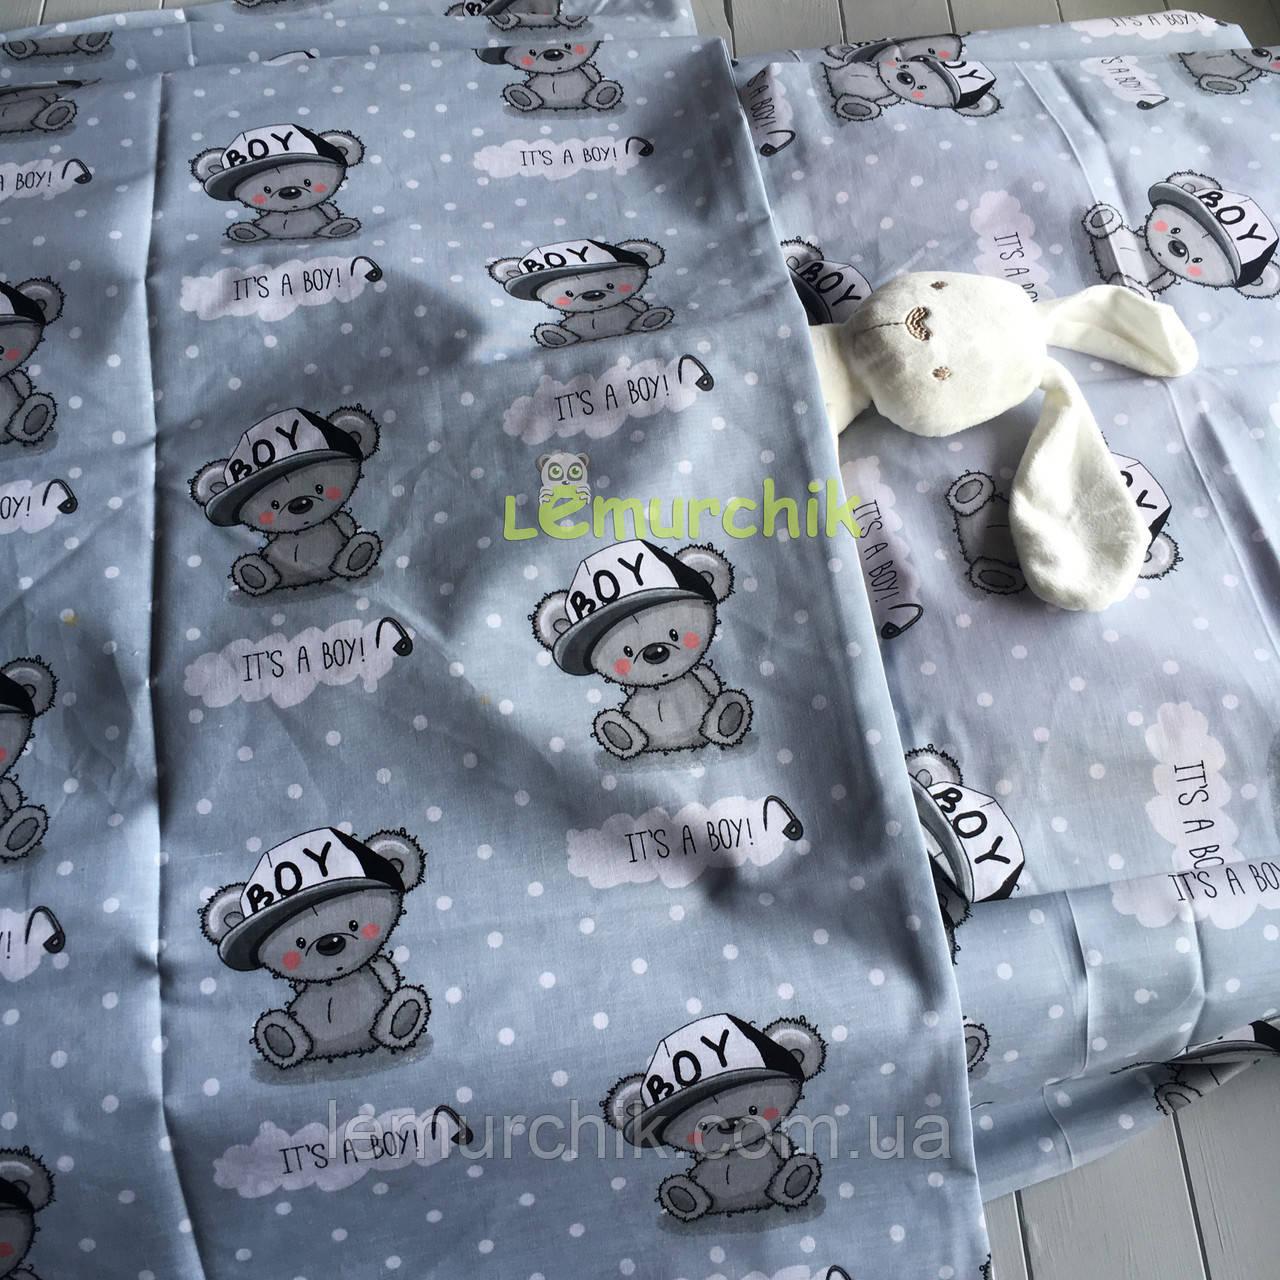 Постельный набор в детскую кроватку (3 предмета) It's a boy, серое